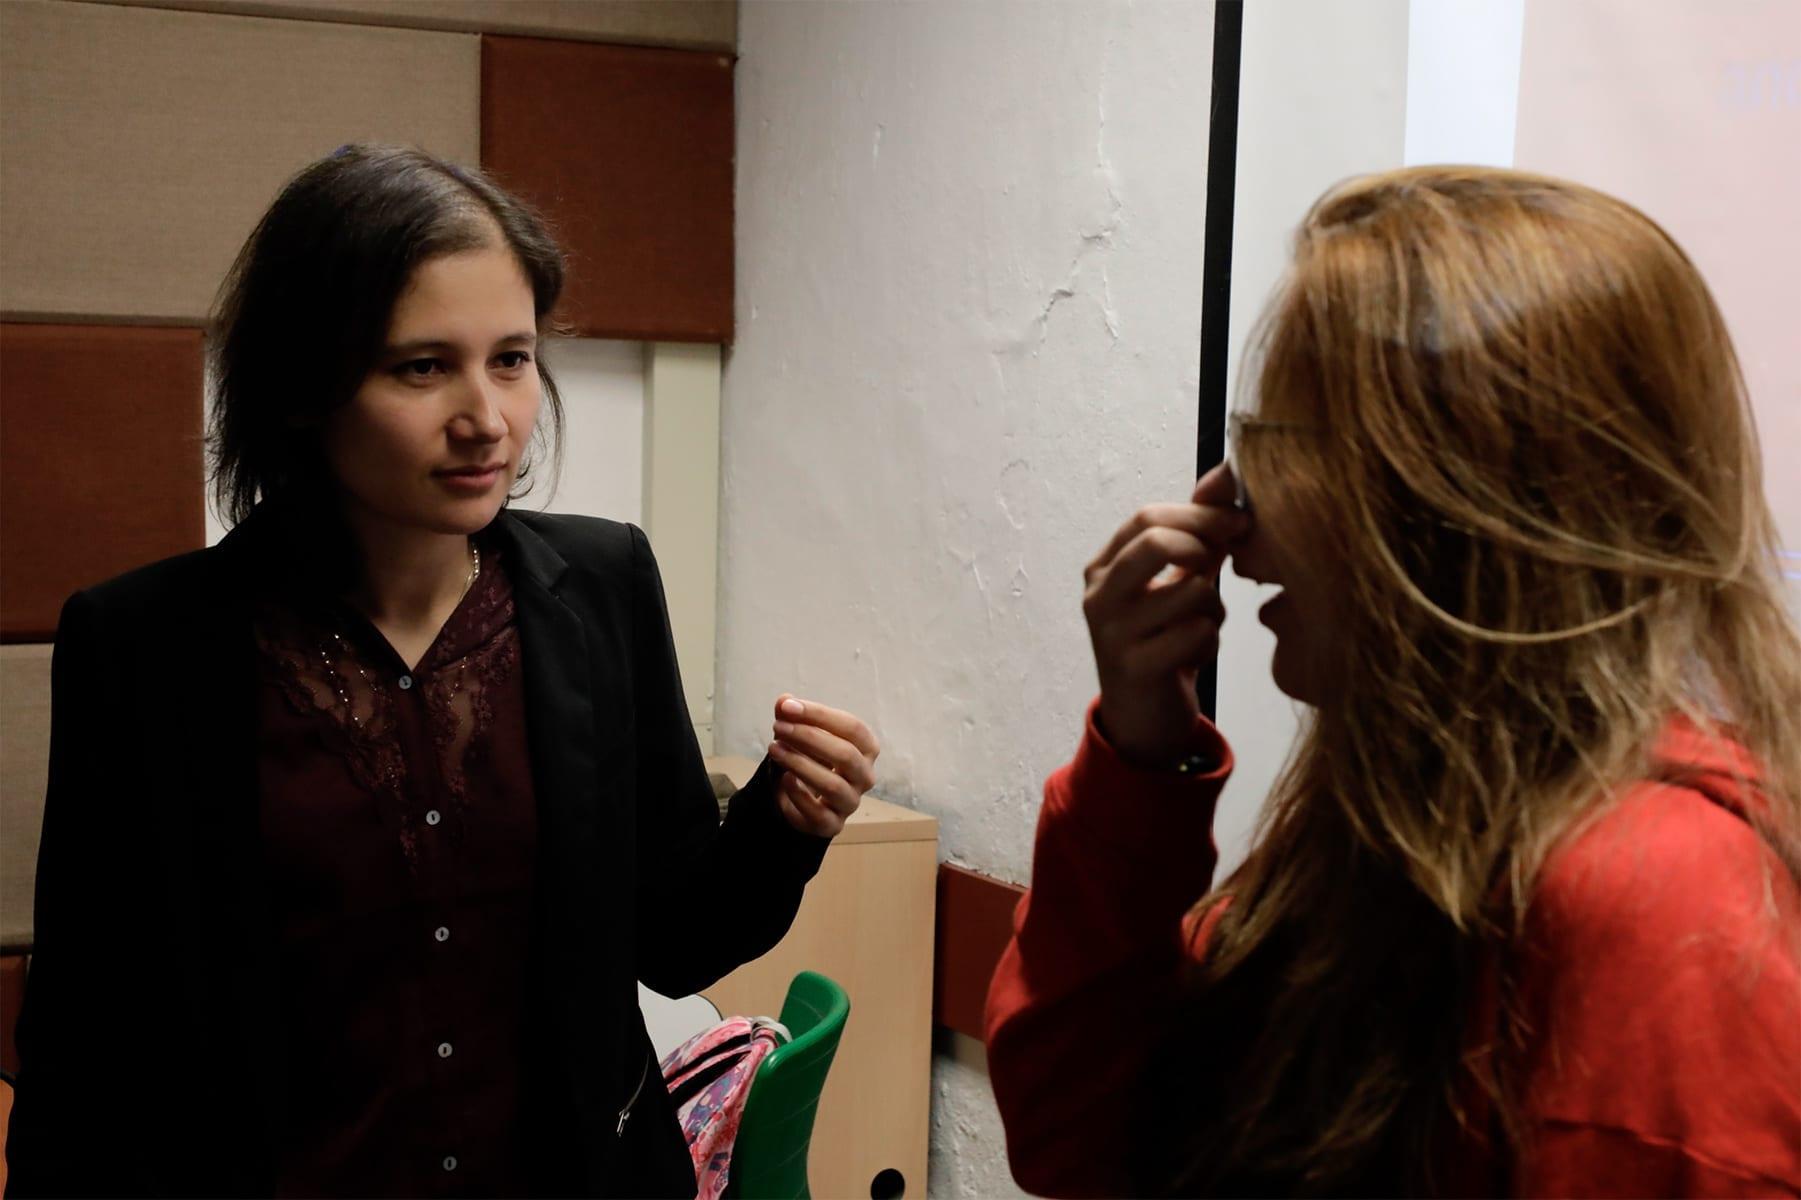 Galería: Taller sobre fisiología de la voz y configuraciones del tracto vocal con Kelly Montilla